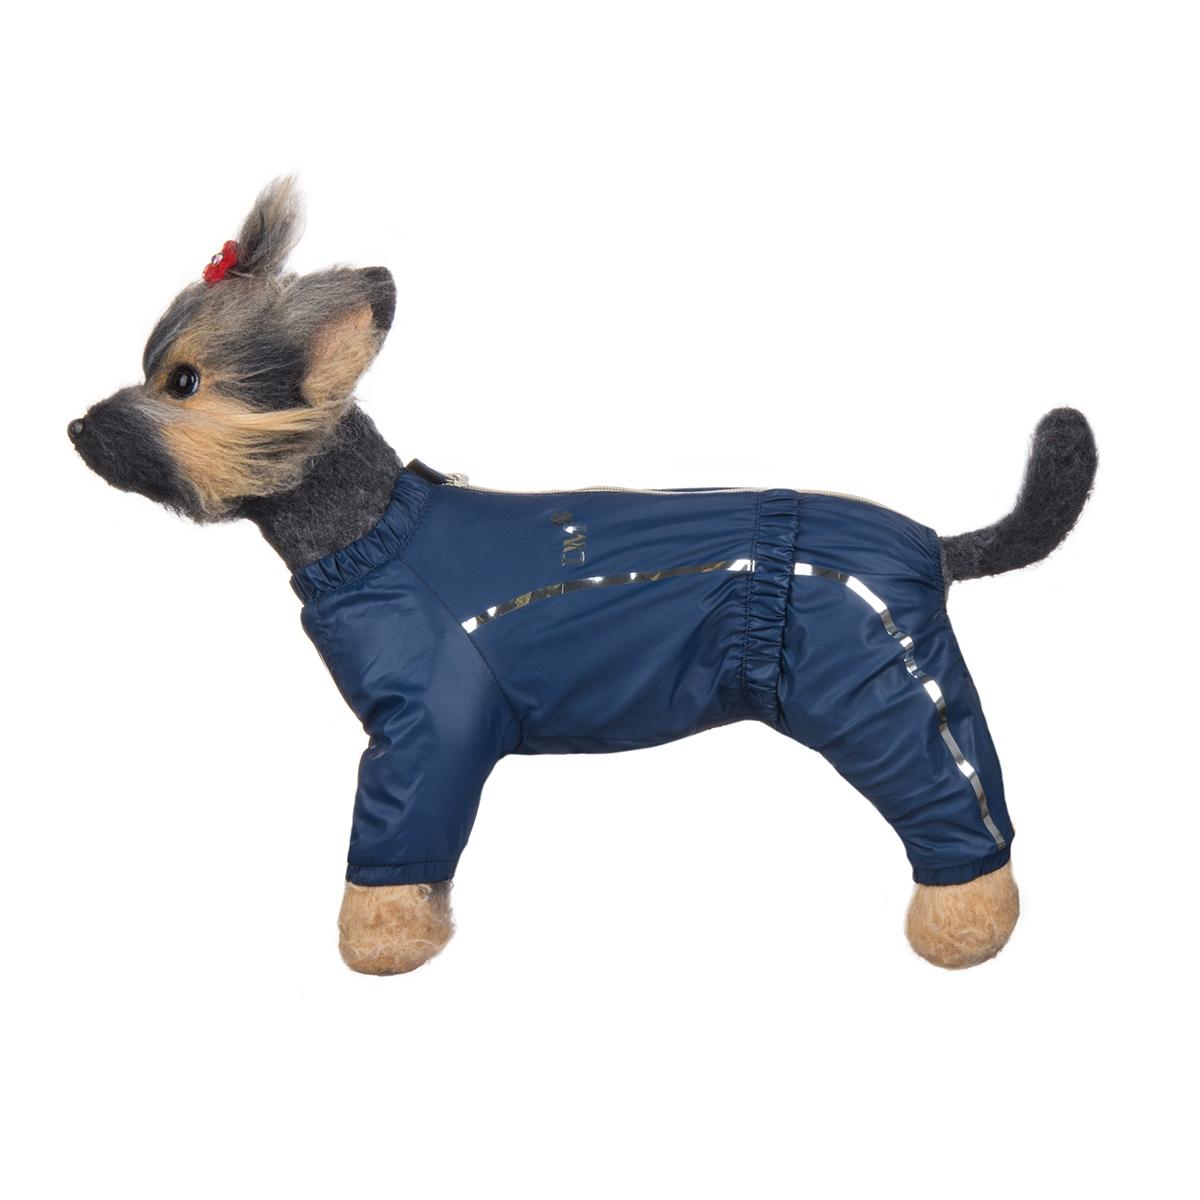 Комбинезон для собак Dogmoda Альпы, для мальчика, цвет: синий. Размер 1 (S). DM-160103DM-160103-1_синийКомбинезон для собак Dogmoda Альпы отлично подойдет для прогулок поздней осенью или ранней весной. Комбинезон изготовлен из полиэстера, защищающего от ветра и осадков, с подкладкой из вискозы и полиэстера, которая сохранит тепло и обеспечит отличный воздухообмен. Комбинезон застегивается на молнию и липучку, благодаря чему его легко надевать и снимать. Ворот, низ рукавов и брючин оснащены внутренними резинками, которые мягко обхватывают шею и лапки, не позволяя просачиваться холодному воздуху. На пояснице имеется внутренняя резинка. Изделие декорировано золотистыми полосками и надписью DM. Благодаря такому комбинезону простуда не грозит вашему питомцу и он не даст любимцу продрогнуть на прогулке. Длина по спинке: 20 см. Объем груди: 33 см. Обхват шеи: 21 см.